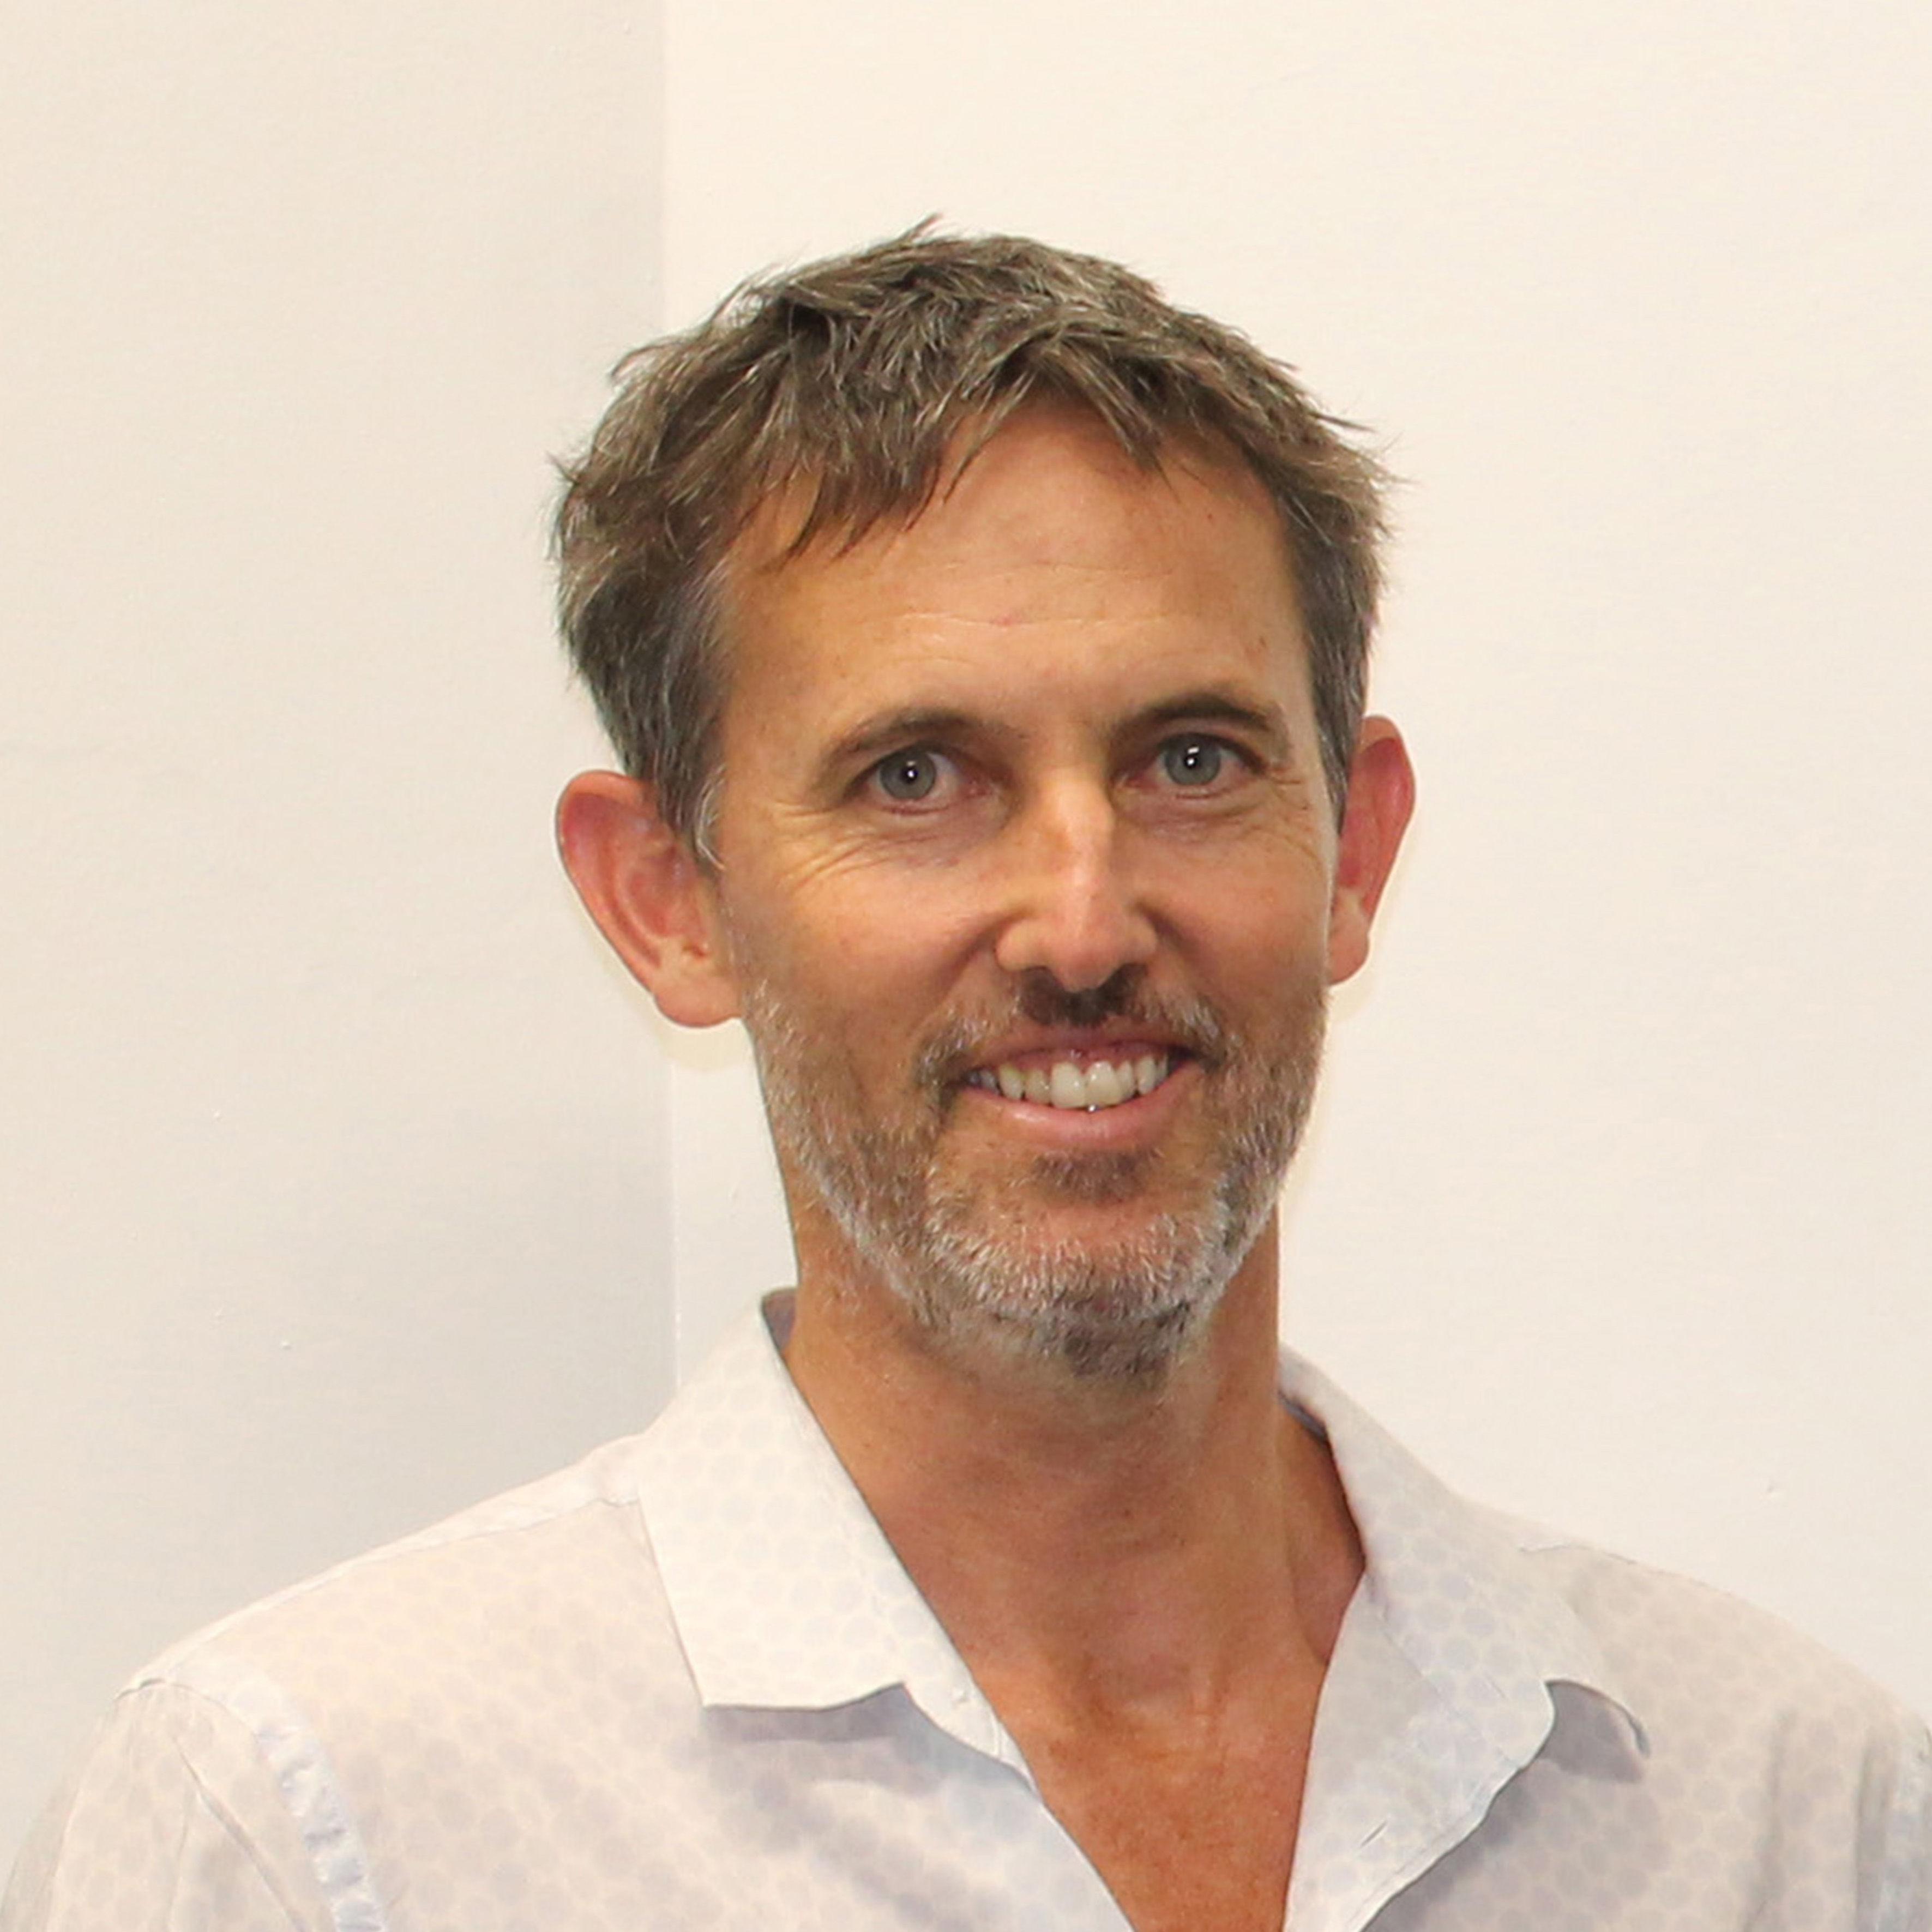 Darren Bruning